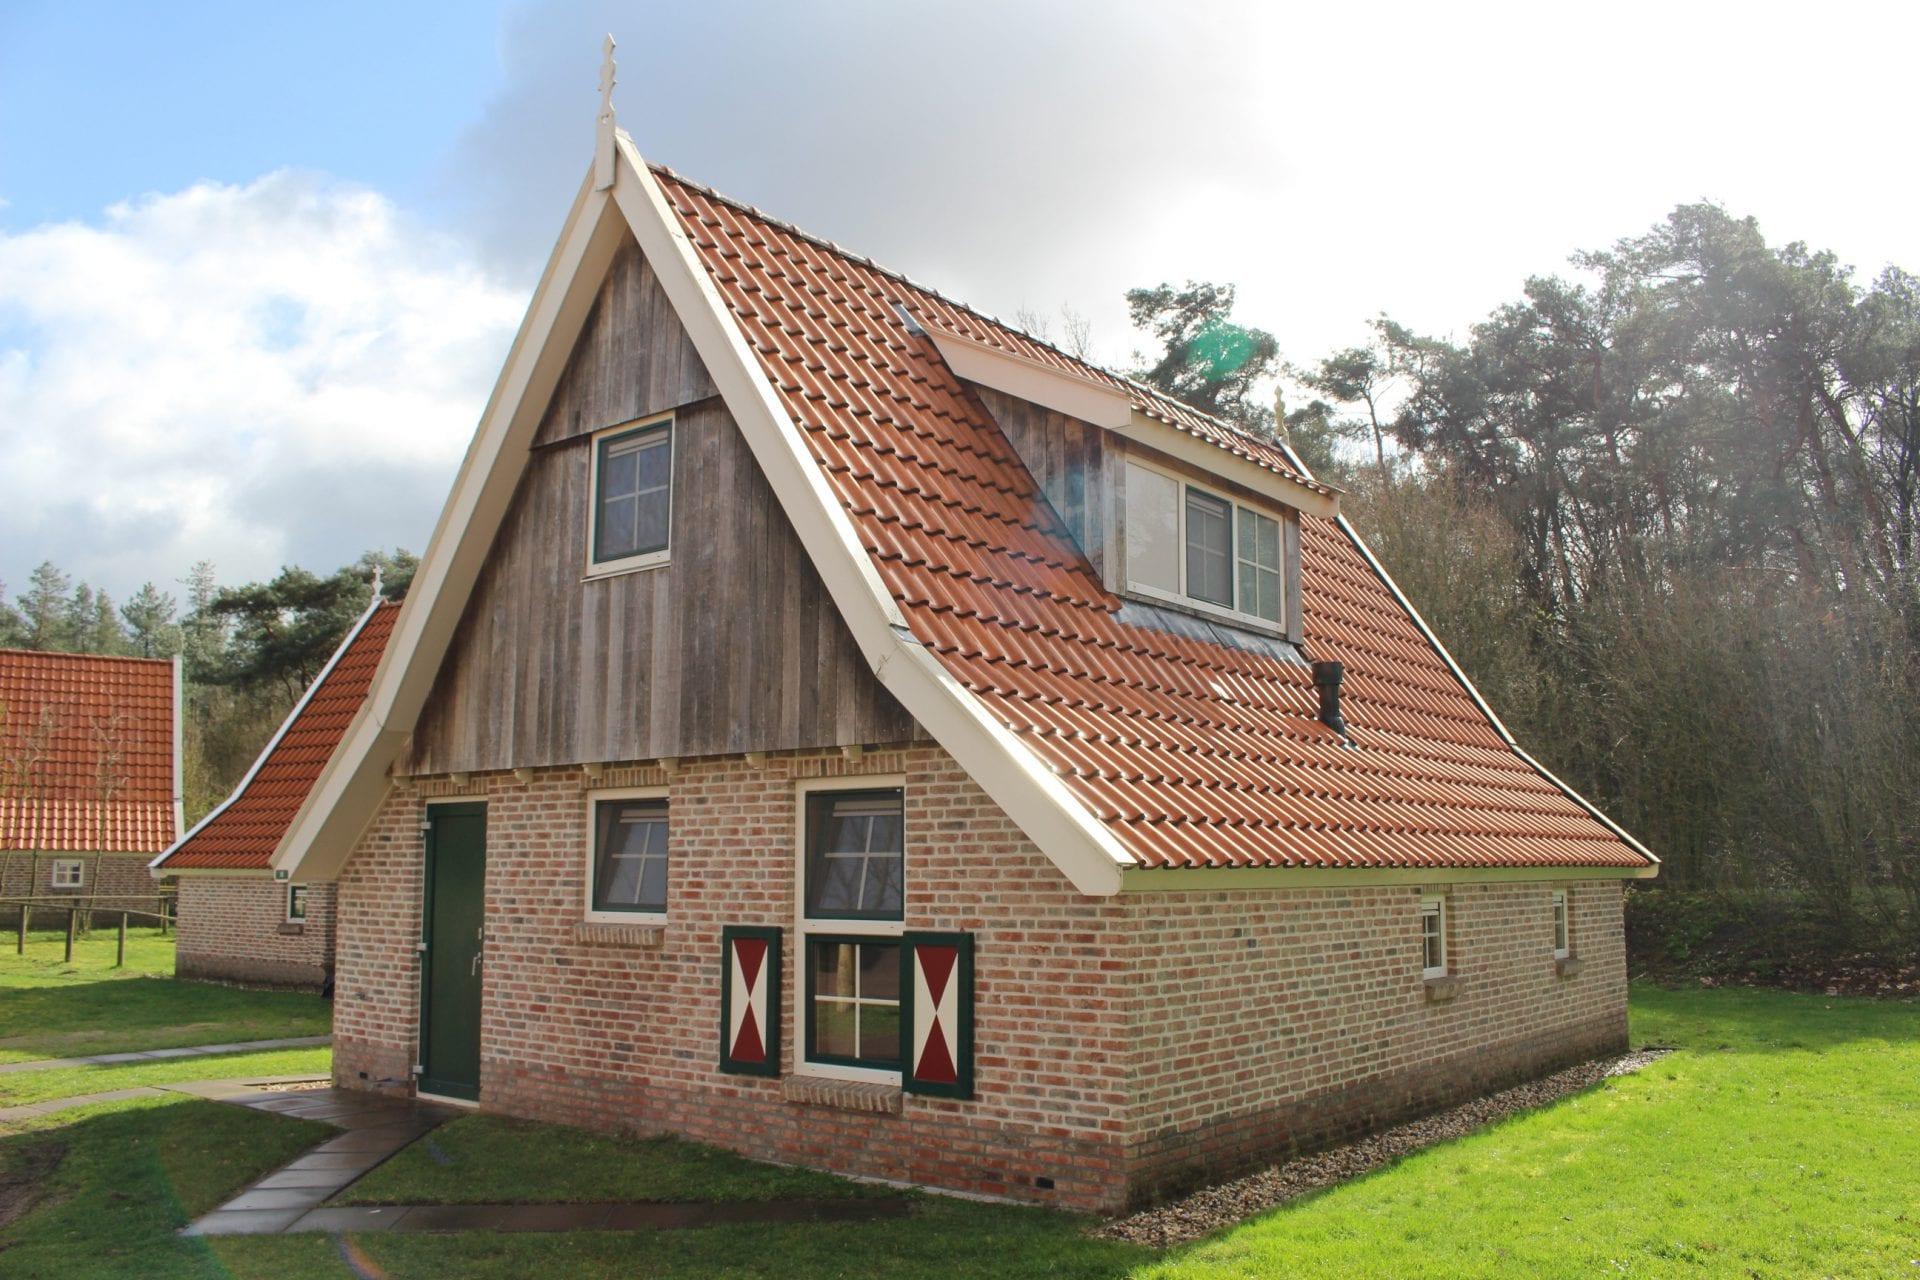 1b. Vakantiehuis Landgoed De Hellendoornse Berg nr. 18 - Steeger Hoes 6 Comfort